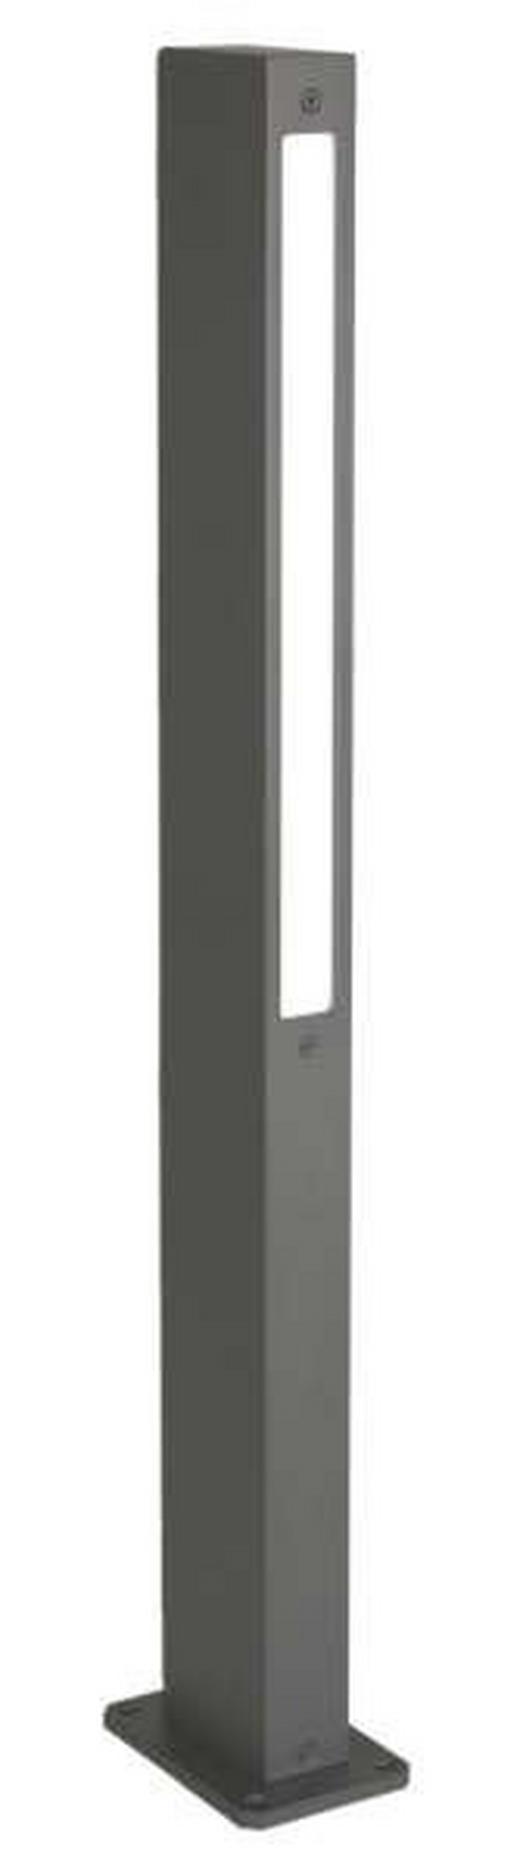 AUßENLEUCHTE - Metall (8/71.5/12cm)